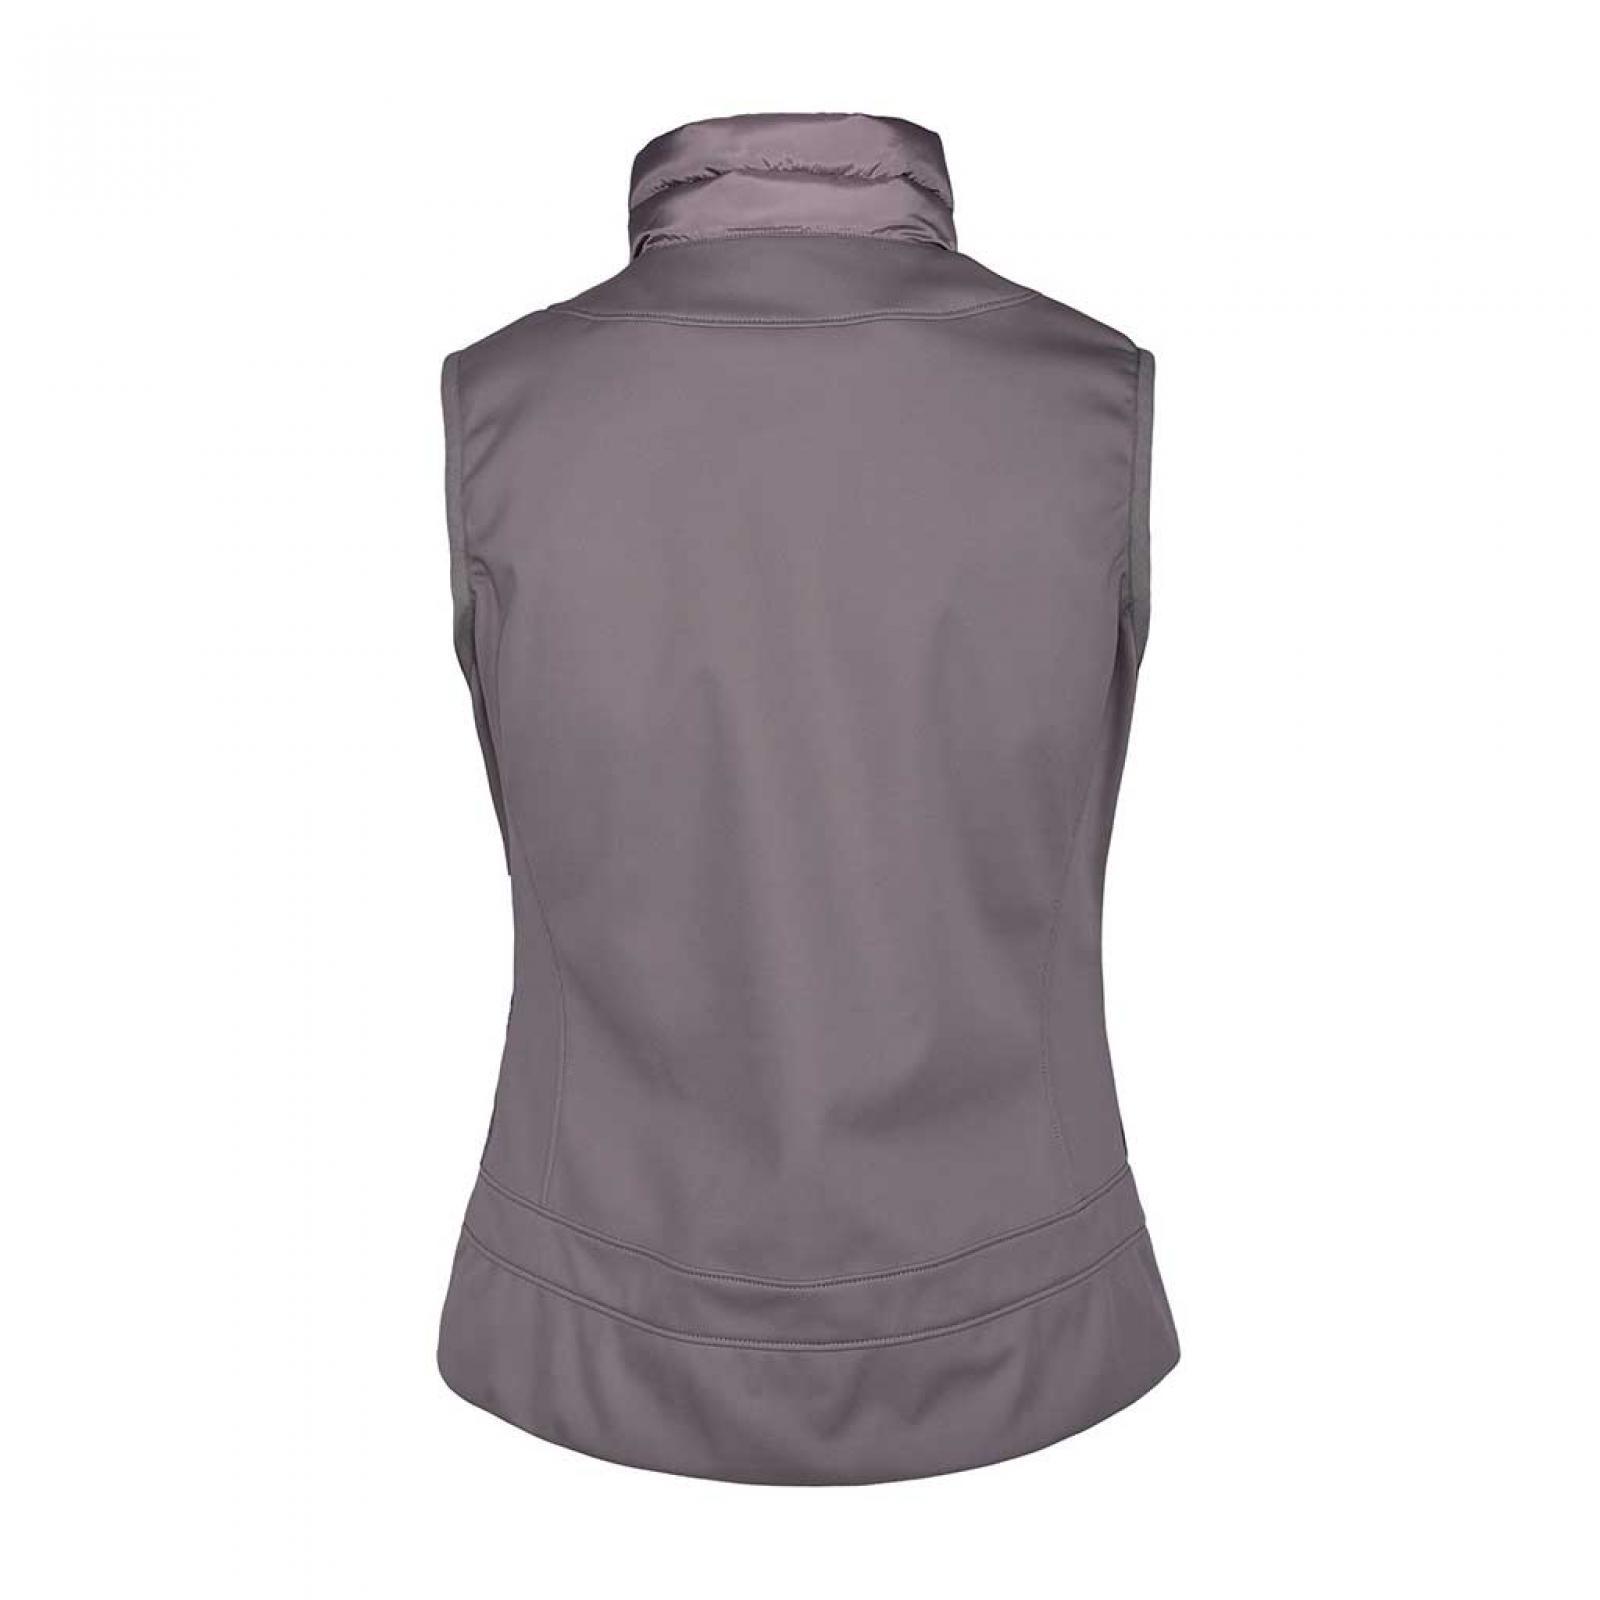 Kingsland Juliet Insulated Slate Body Warmer Waistcoat